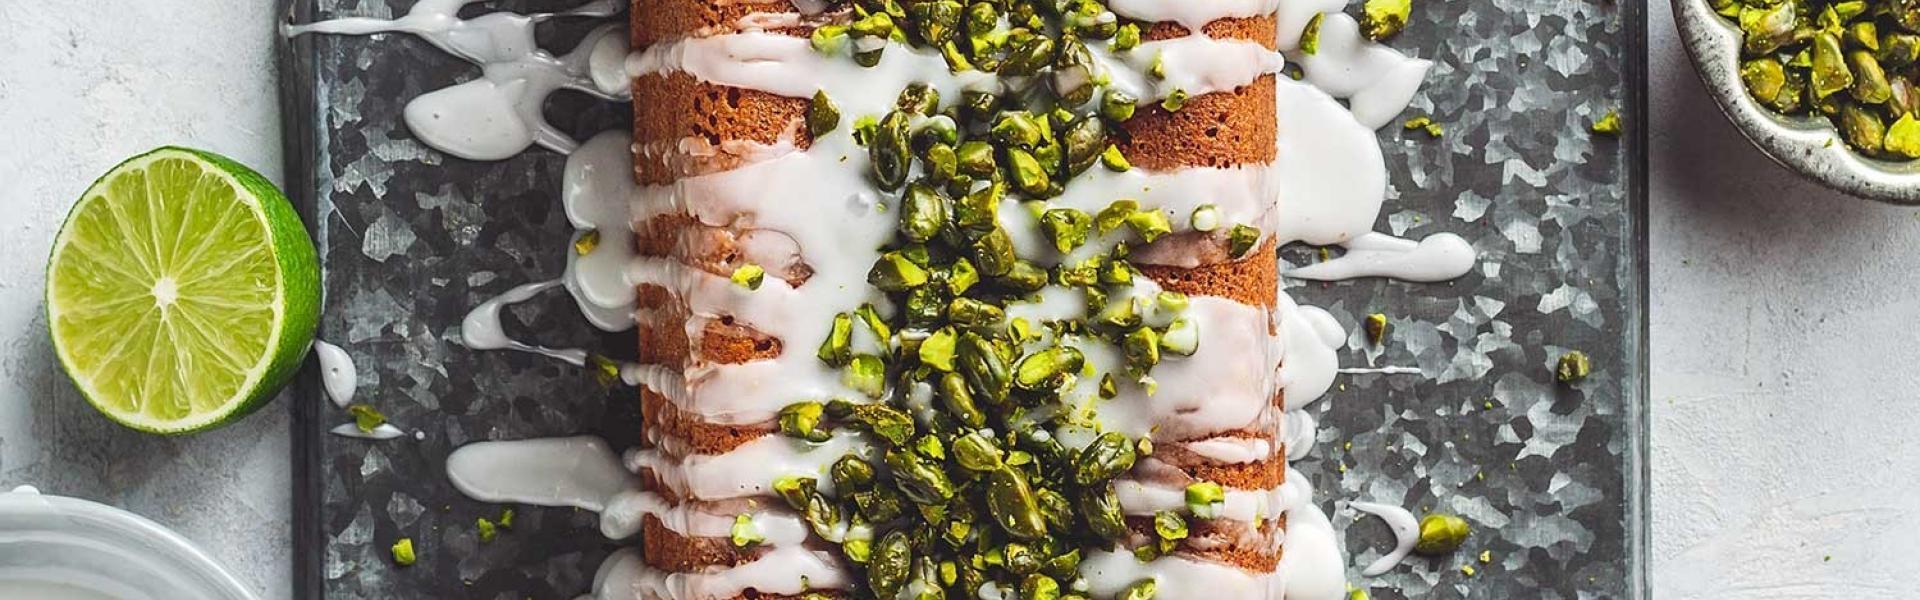 Limettenkuchen mit Zuckerguss und Pistazien angeschnitten auf einer Platte, daneben Limette, Pistazien und Guss in einer Schale.